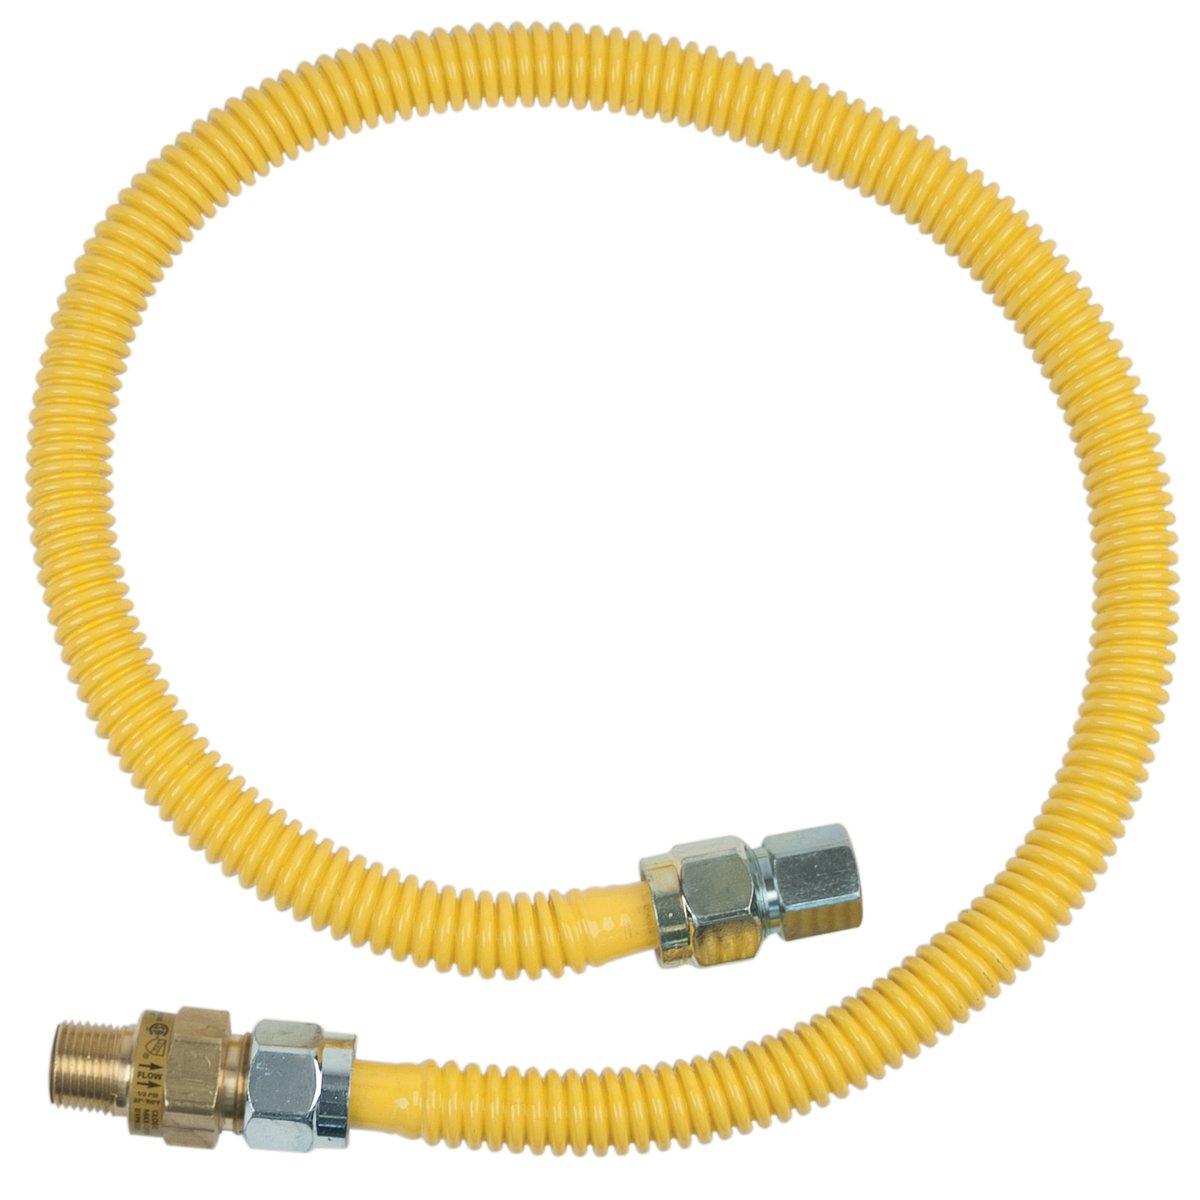 BrassCraft CSSC45R-36 P Safety PLUS Gas Appliance 5/8'' OD Connector with 1/2'' MIP EFV x 1/2'' FIP x 36''